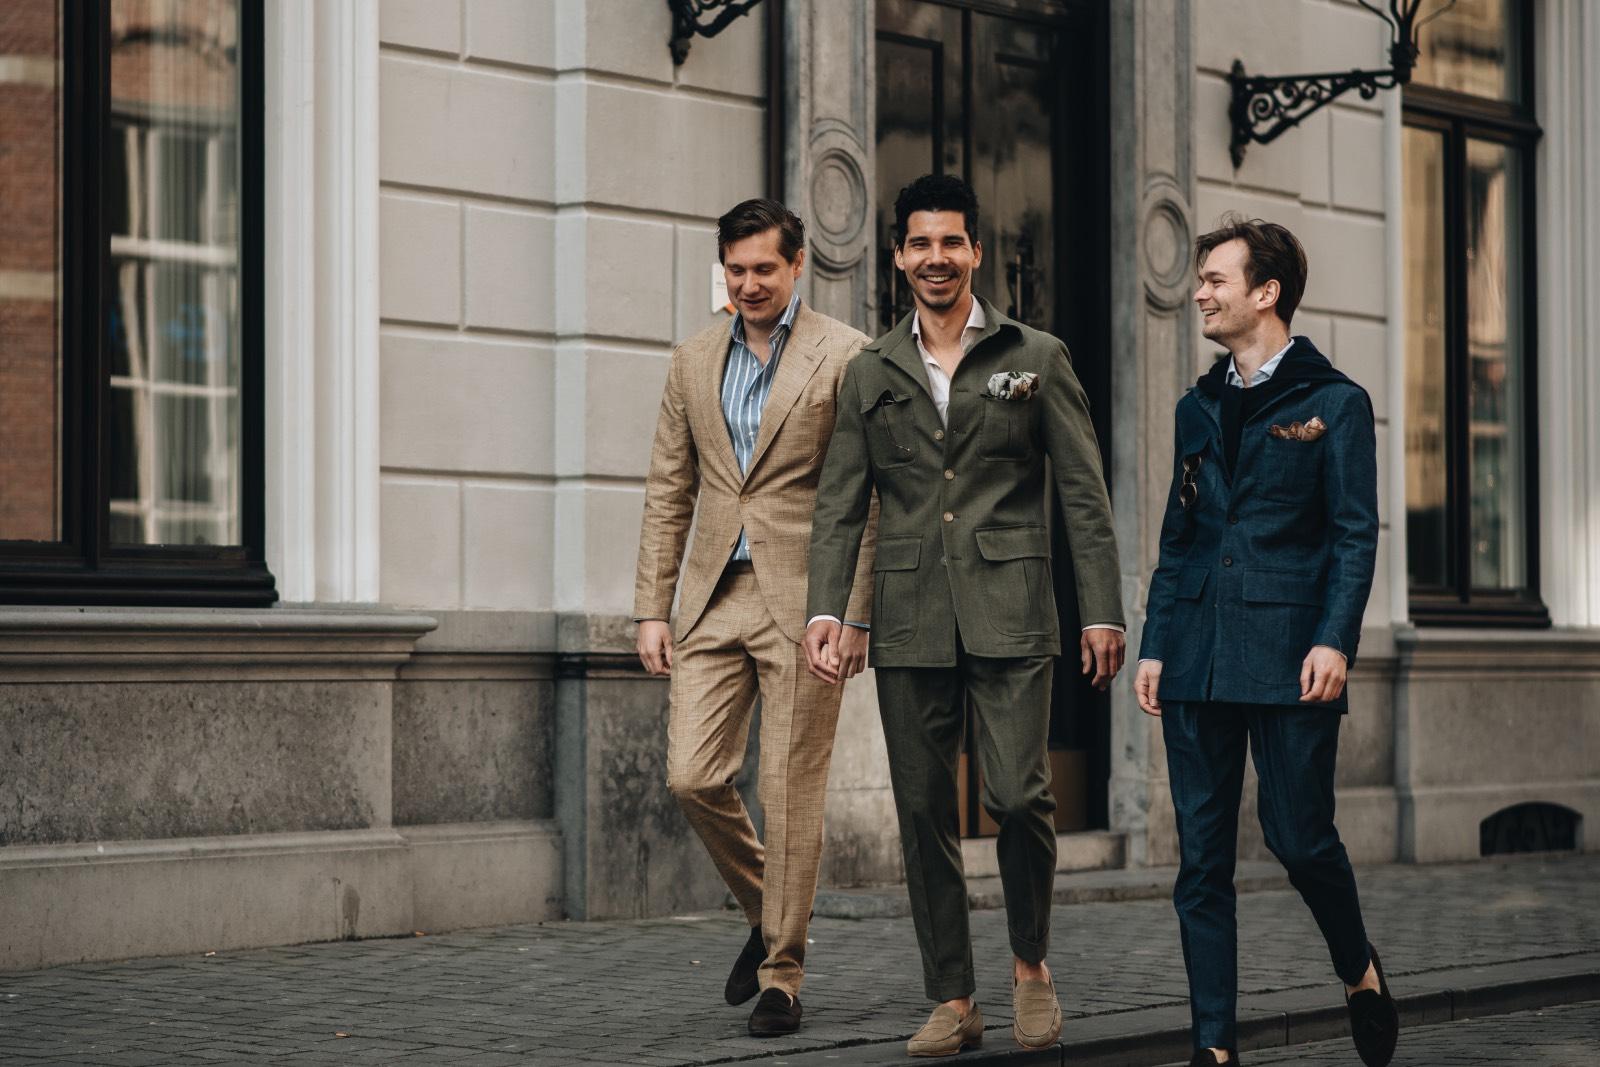 Tailors Wardrobe Linnen Outfits